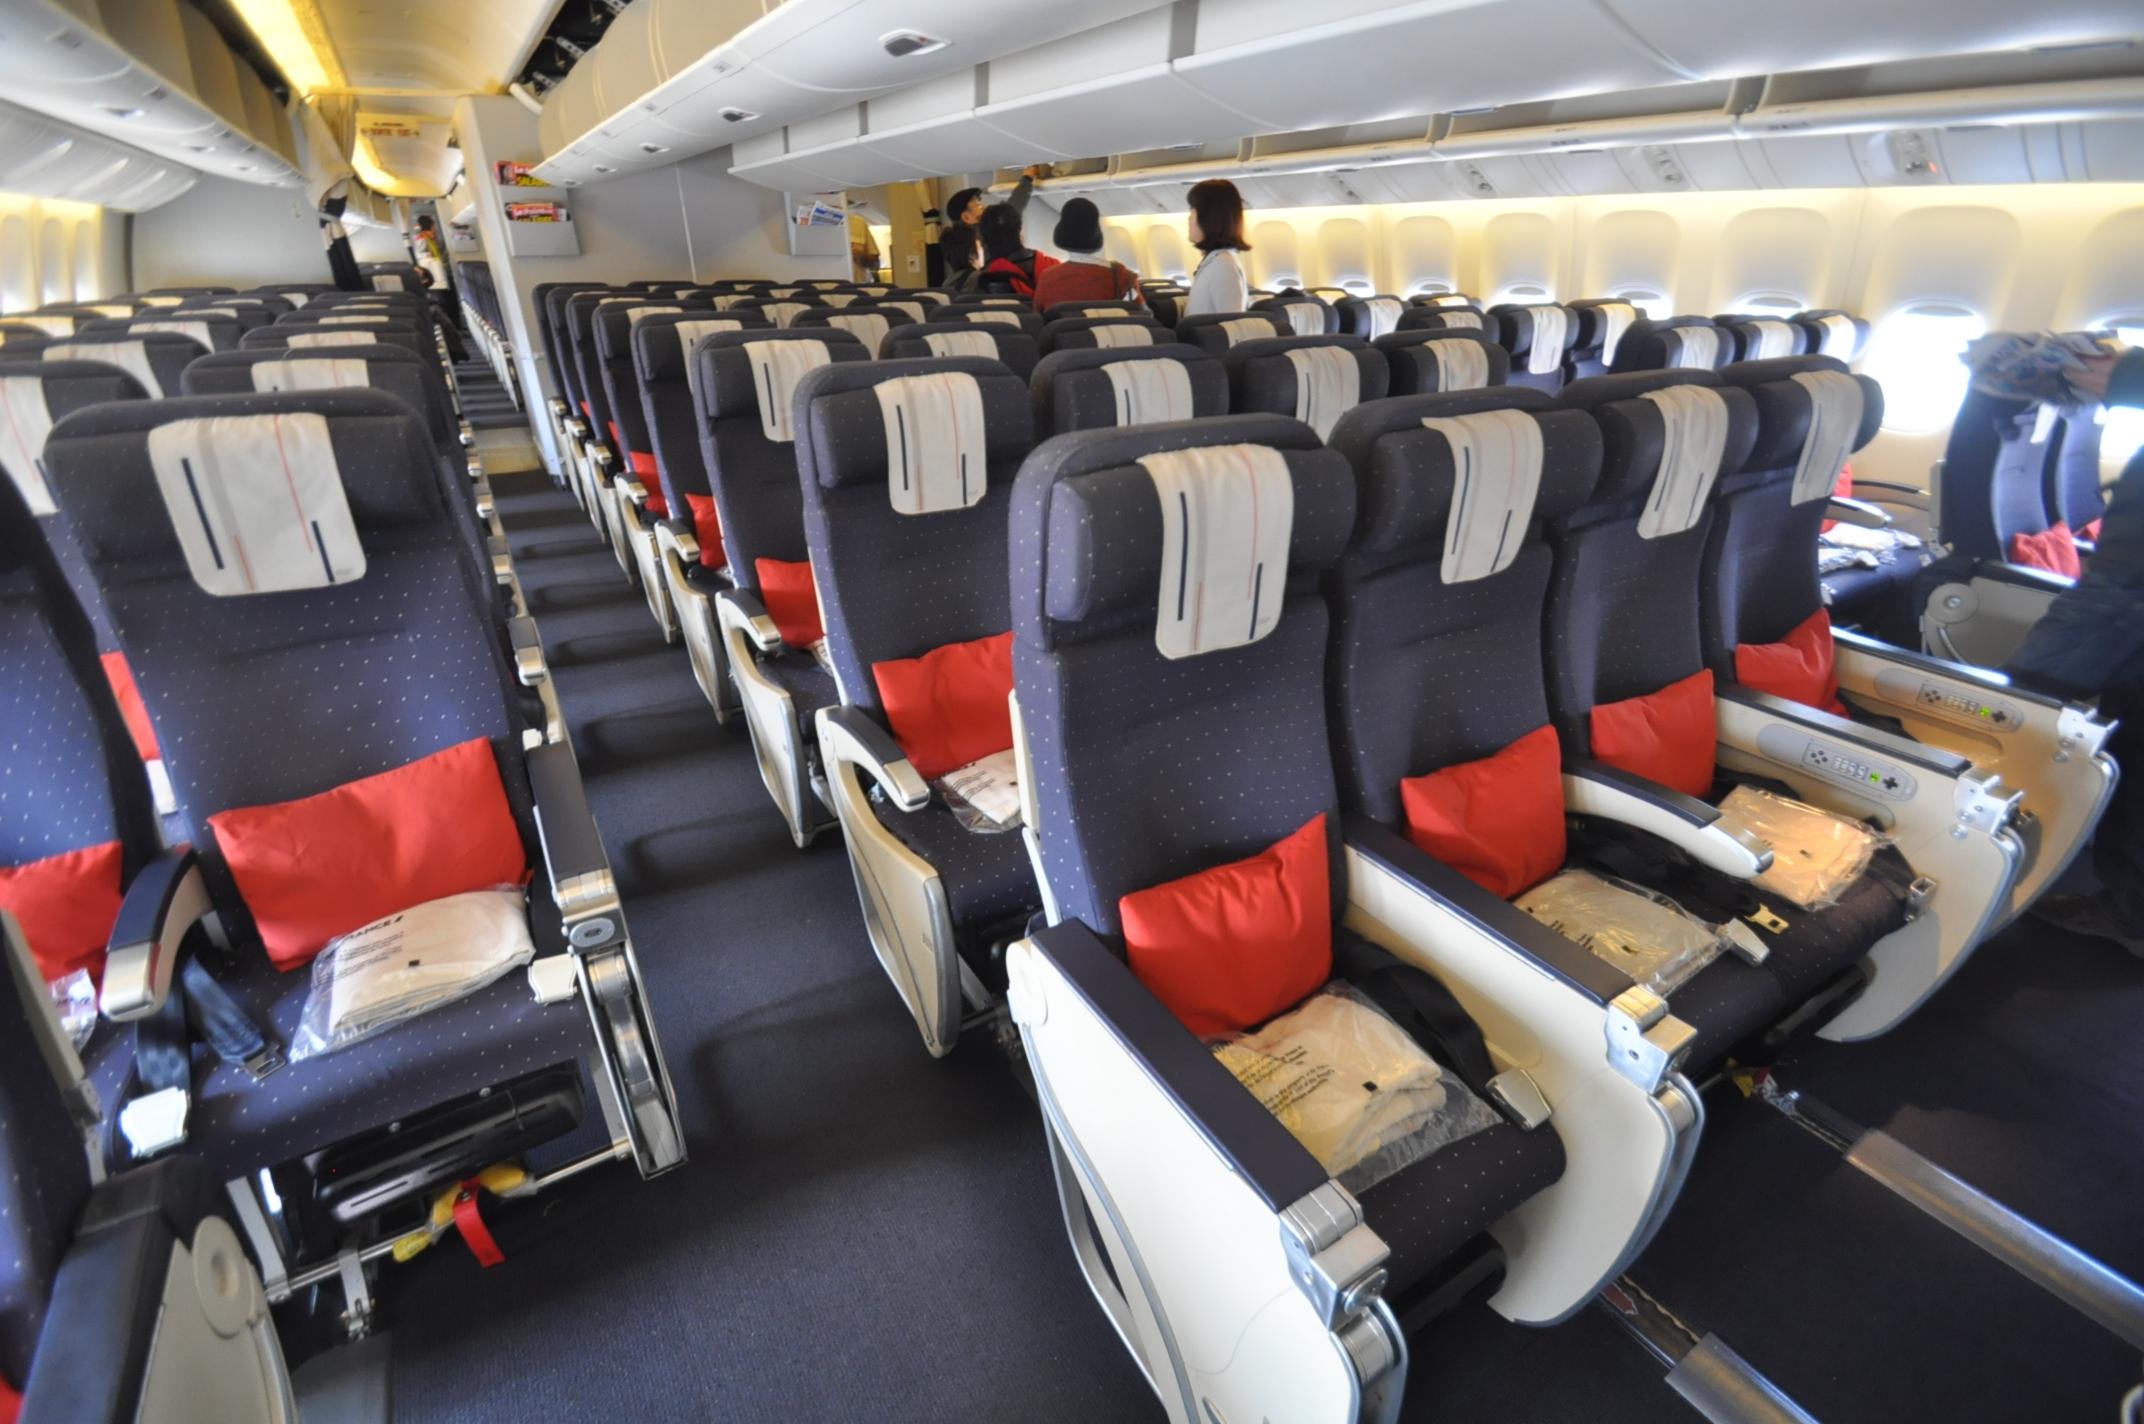 Boeing 777 Emirates Seating Plan Mouvement Uniforme De